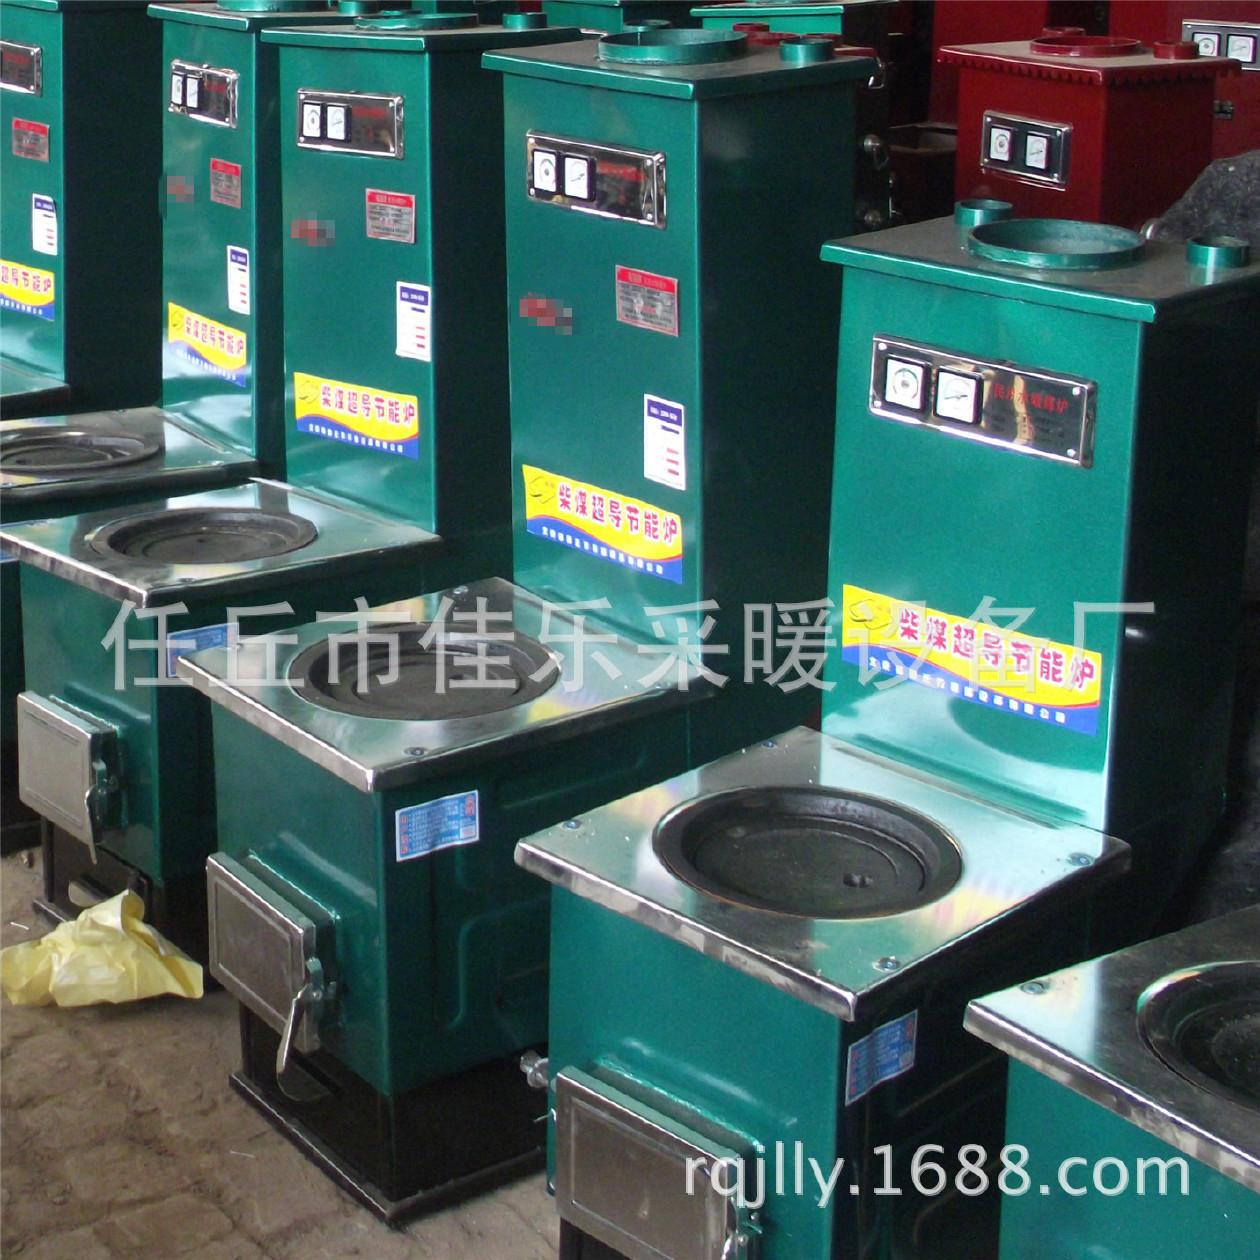 大量供应新型超导气化炉 气化反烧炉 加工定做采暖炉图片